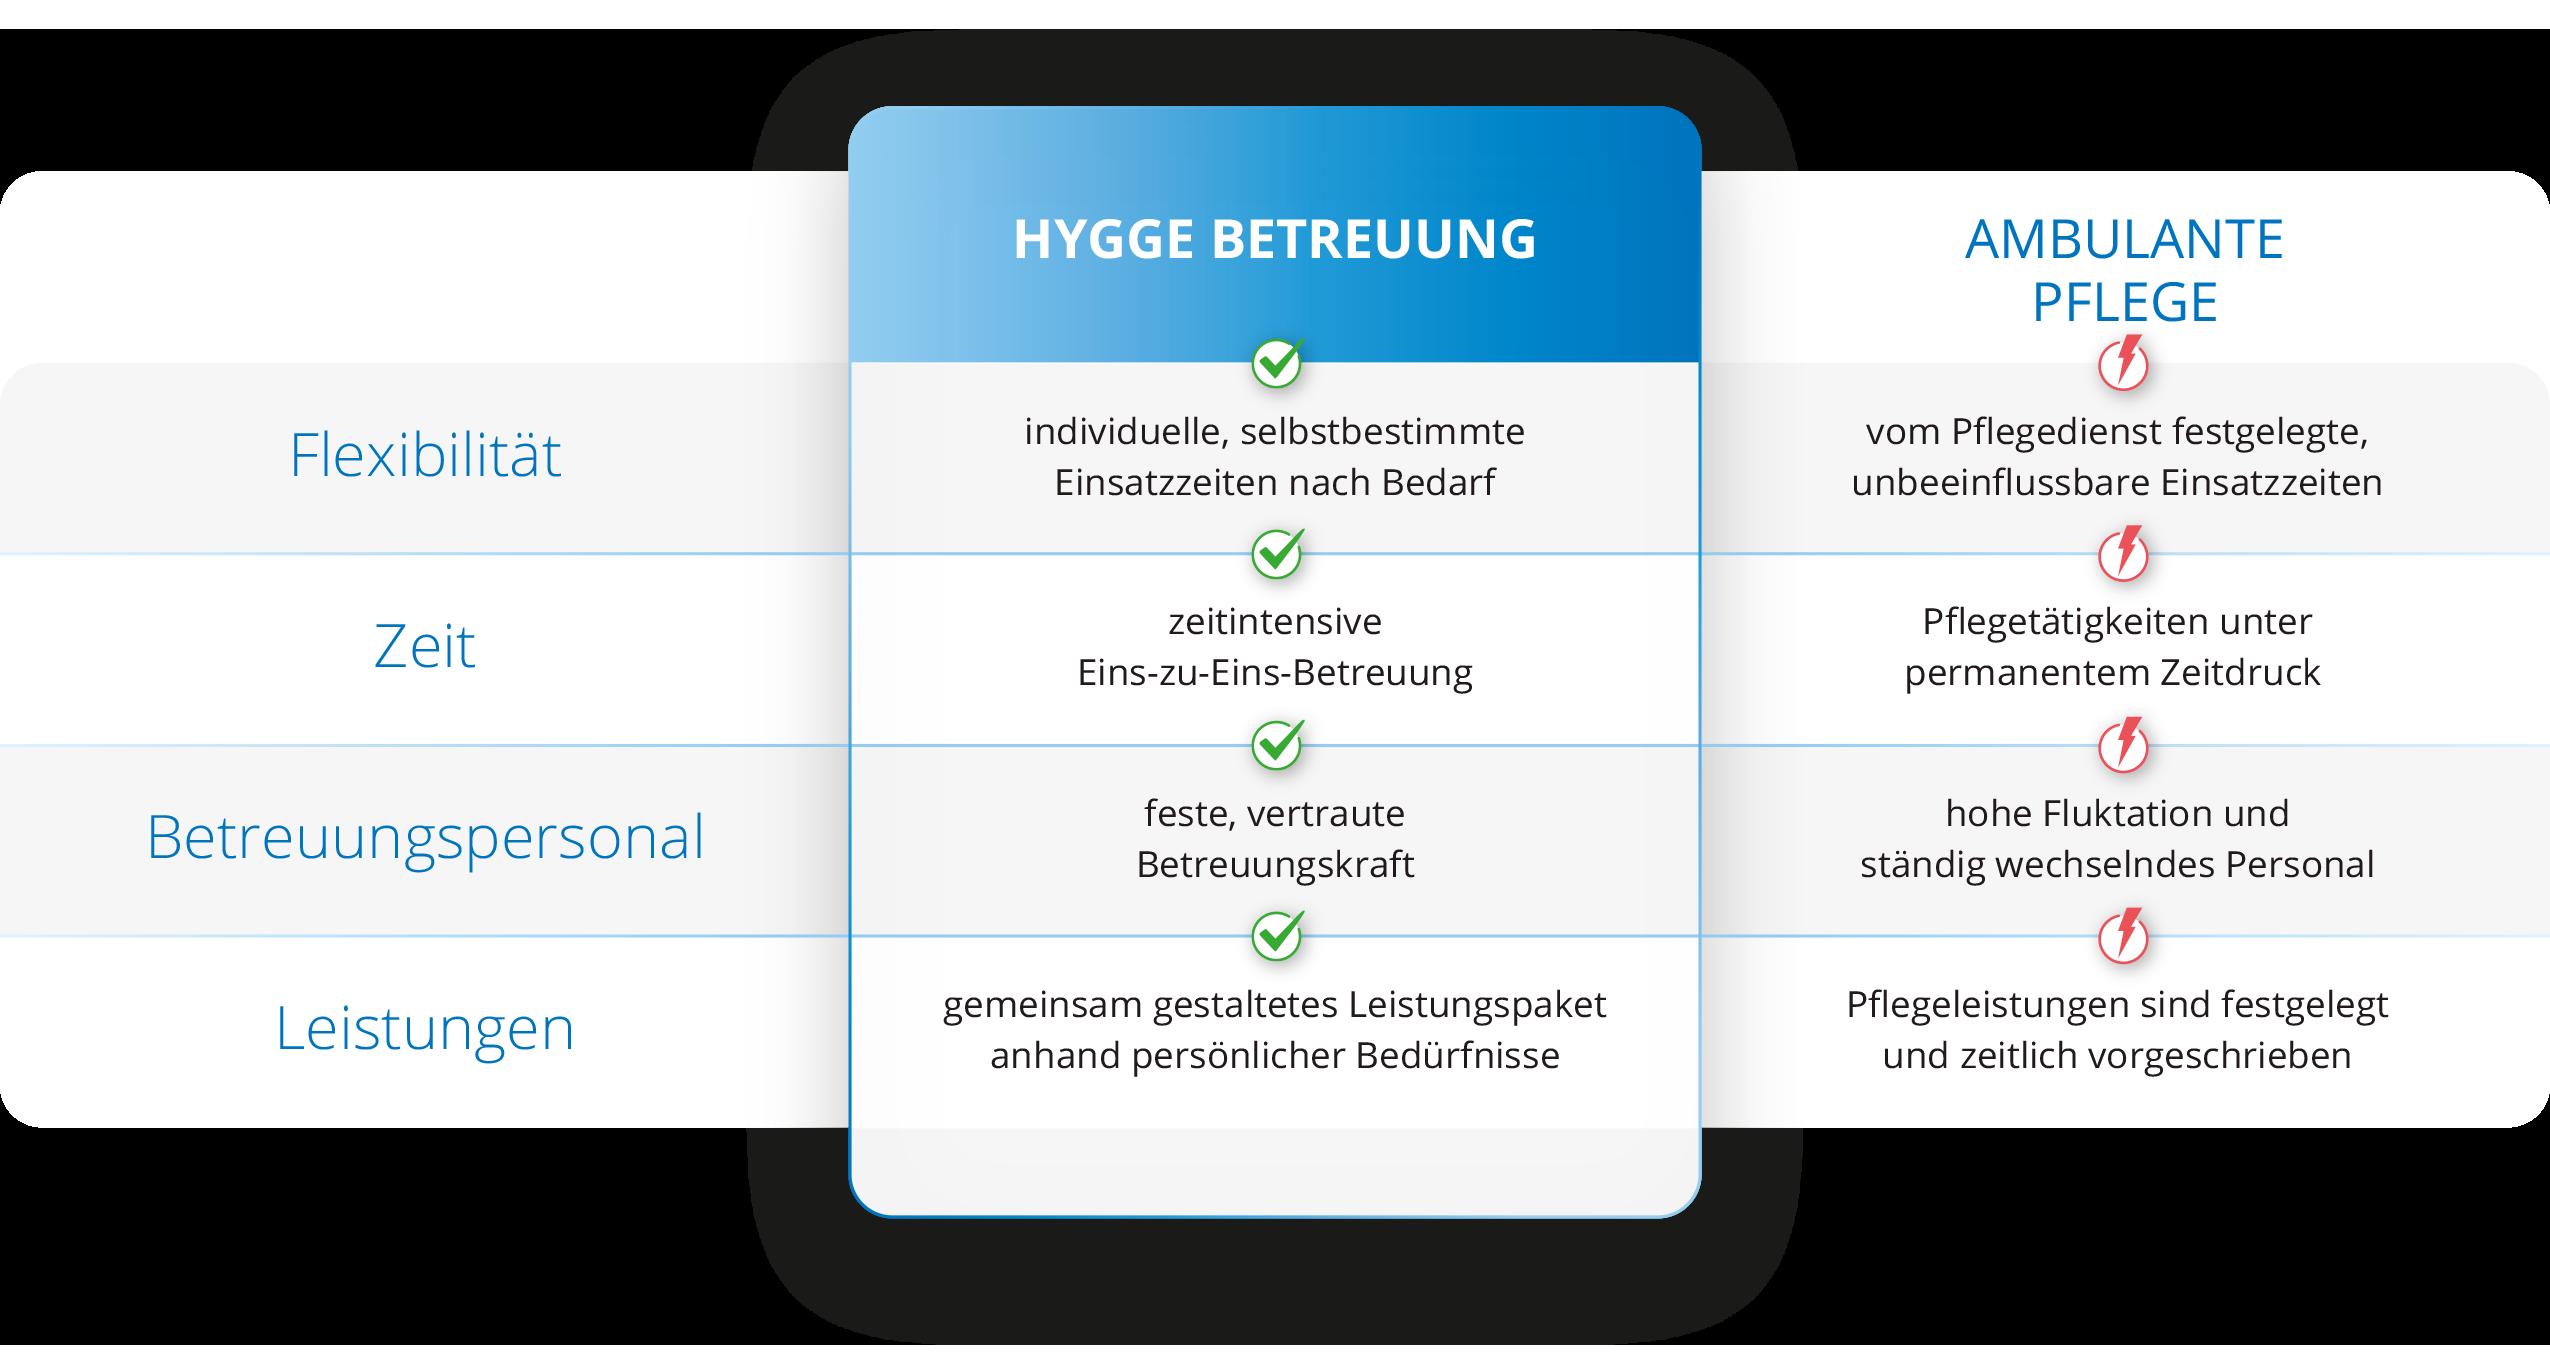 Vergleich zwischen Hygge Betreuung und einer ambulanten Pflege für die Leipziger Angebote in der Seniorenbetreuung